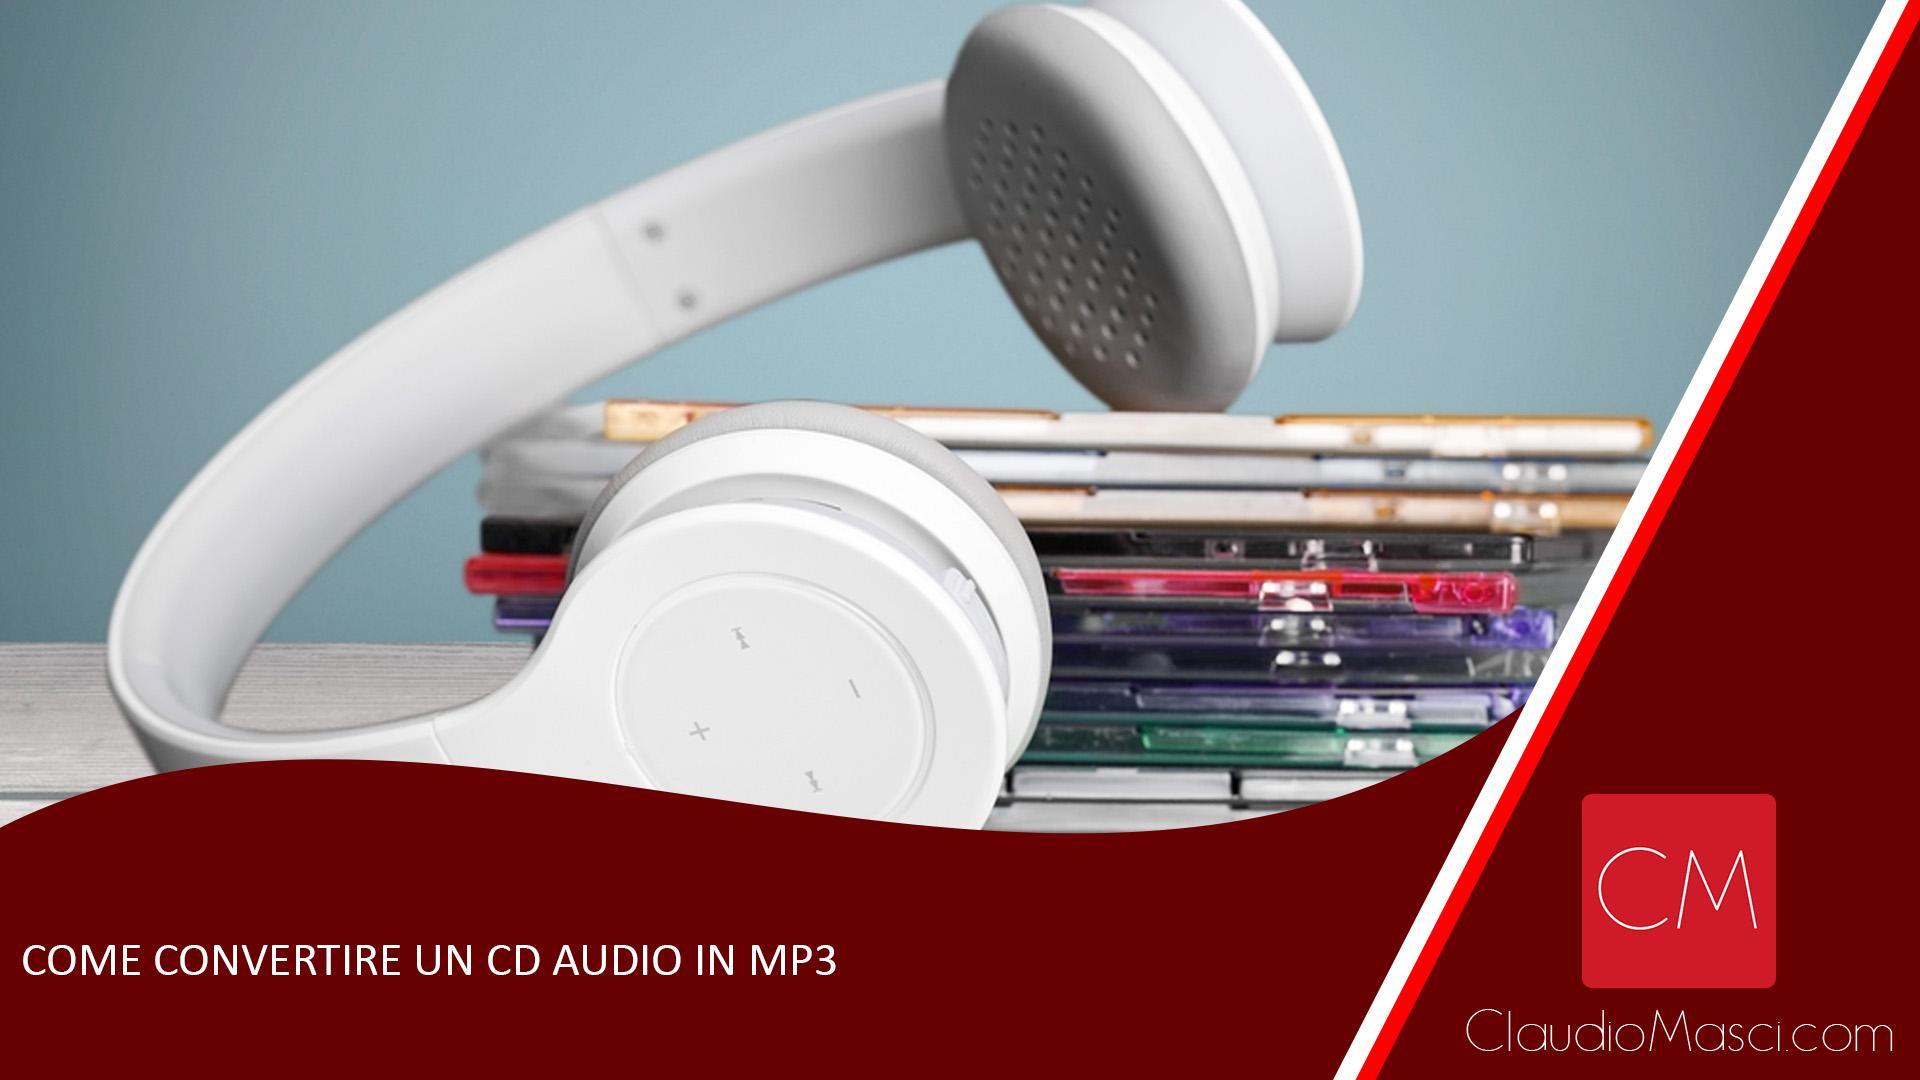 Come convertire un CD Audio in Mp3